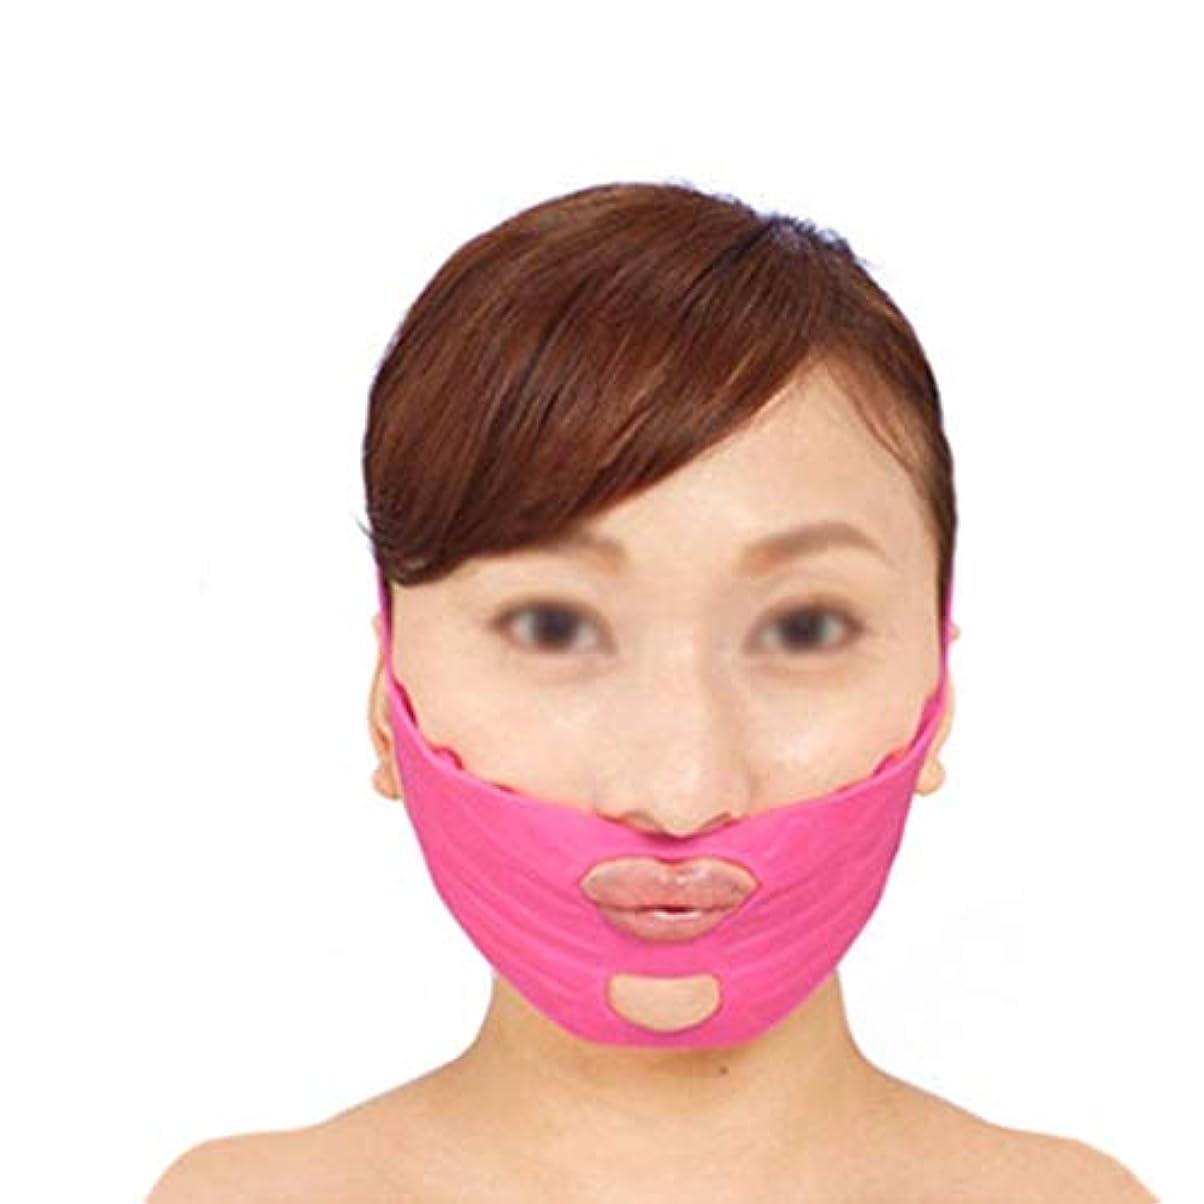 学校の先生小川ブームフェイスストラップ付きマスク、プルアップフェイスマスク、フェイスリフティングマスク、フェイスタイトニングバンデージ、フェイシャルリフティングバンデージ、ダブルチンを減らすためのリフティングフェイスバンド(ピンク、ワンサイズ)